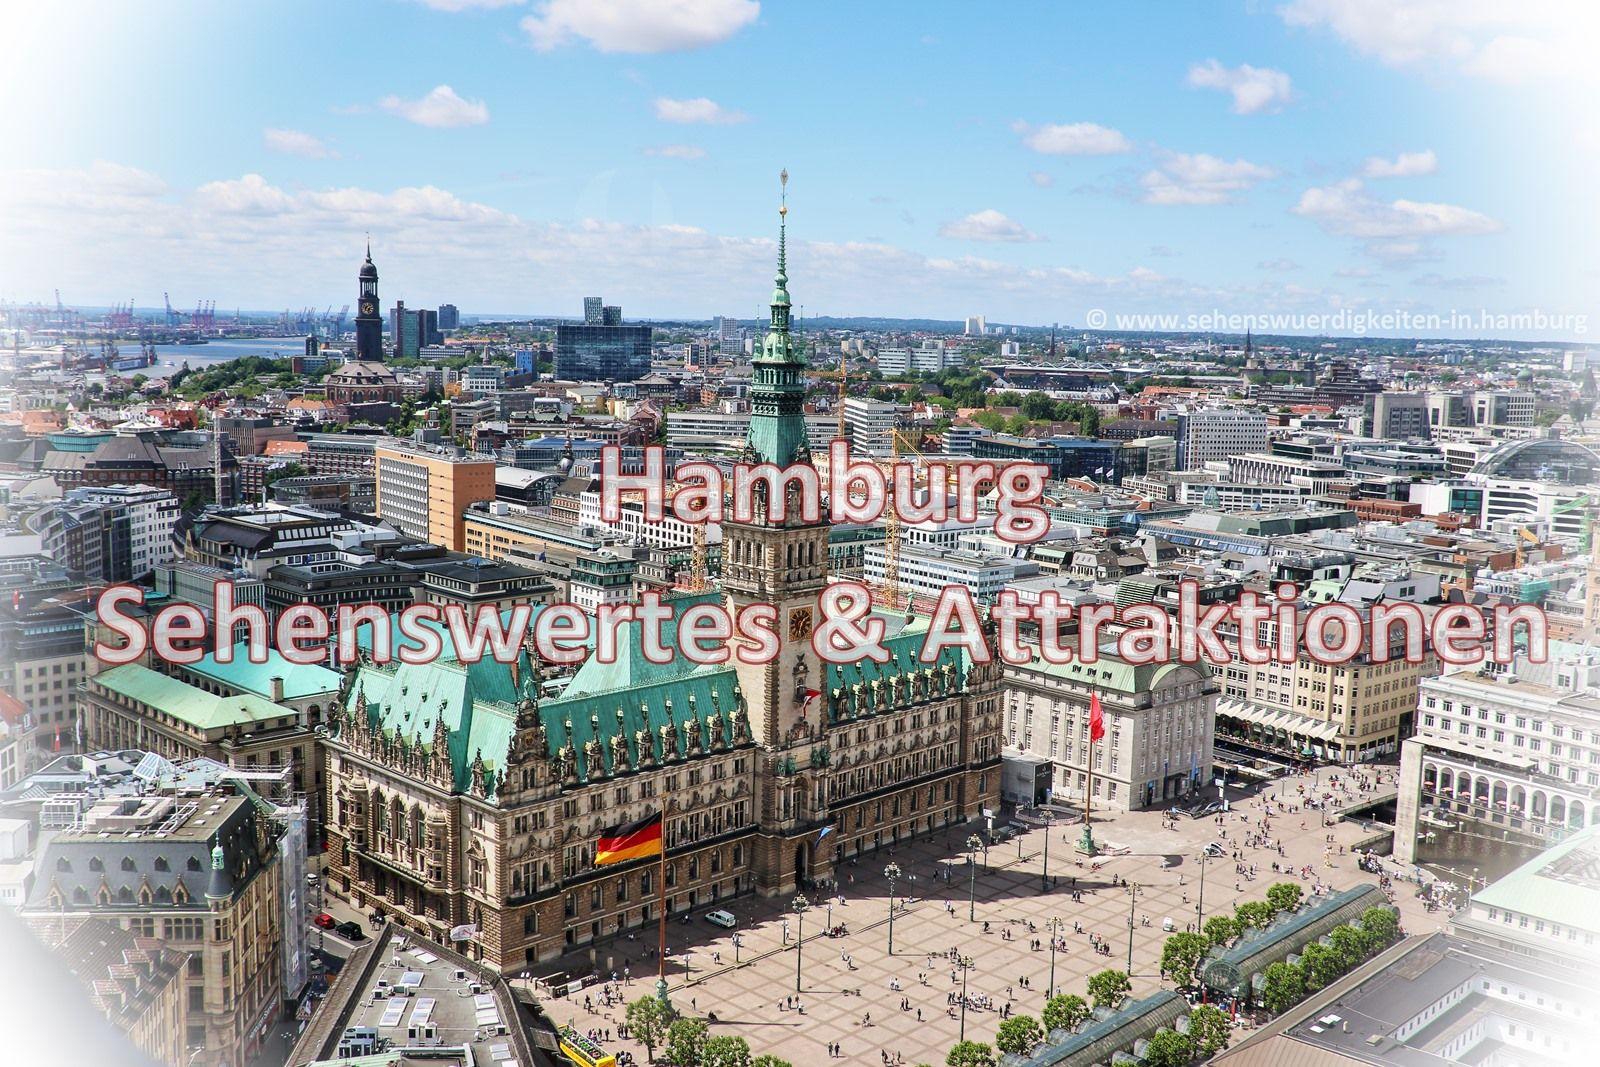 Hamburg Sehenswurdigkeiten Ein Blick Von Oben Auf Die Hansestadt